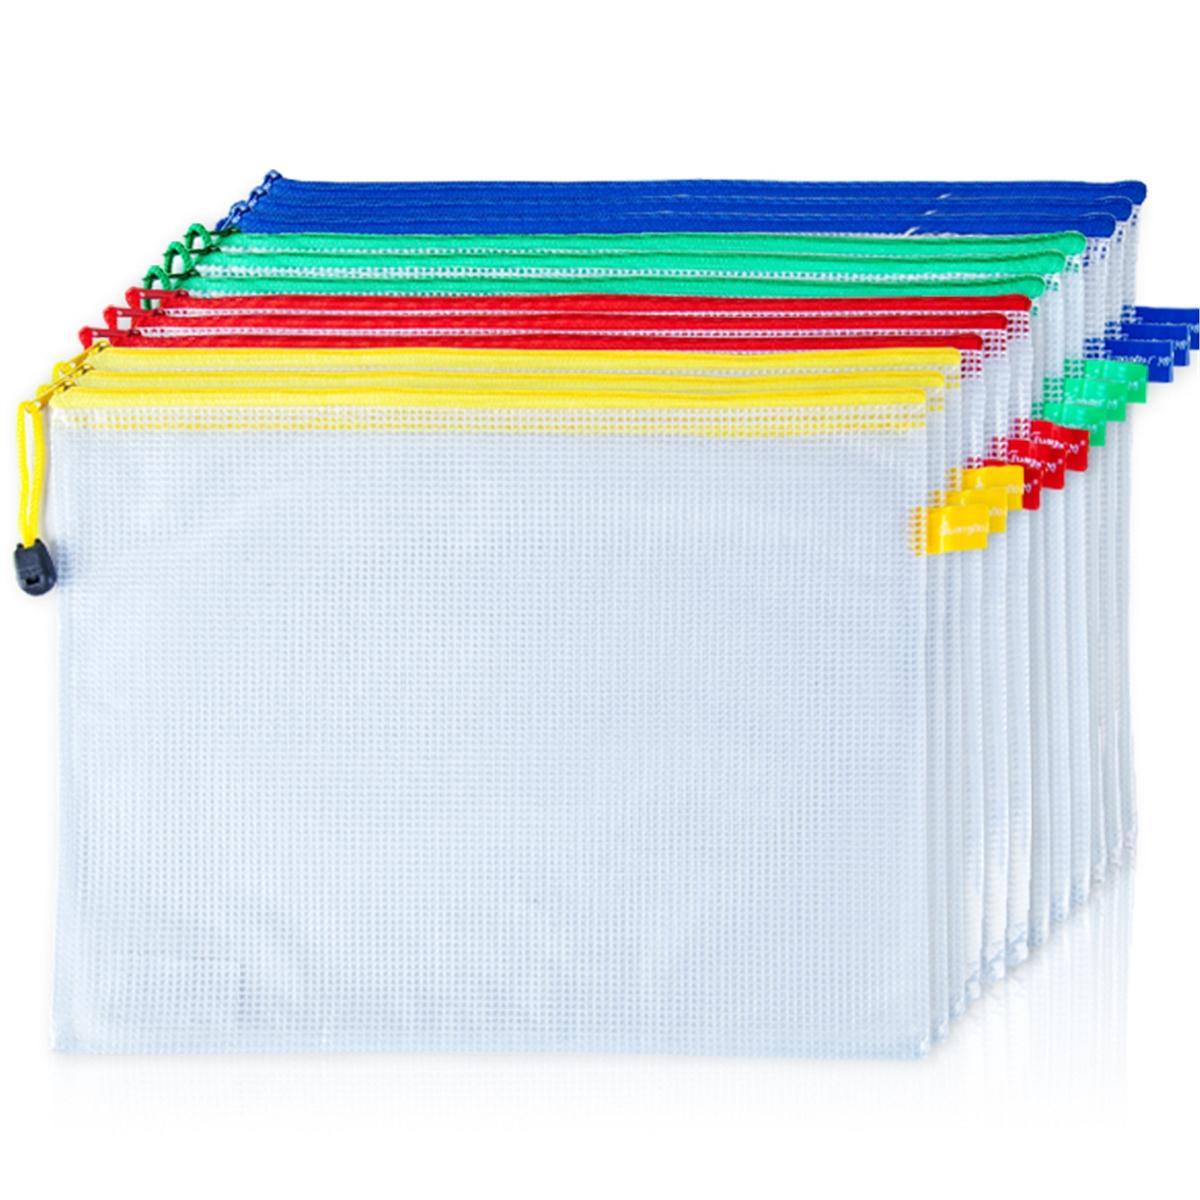 广博P6001-1/A4网格PVC拉链袋12只/包(包)